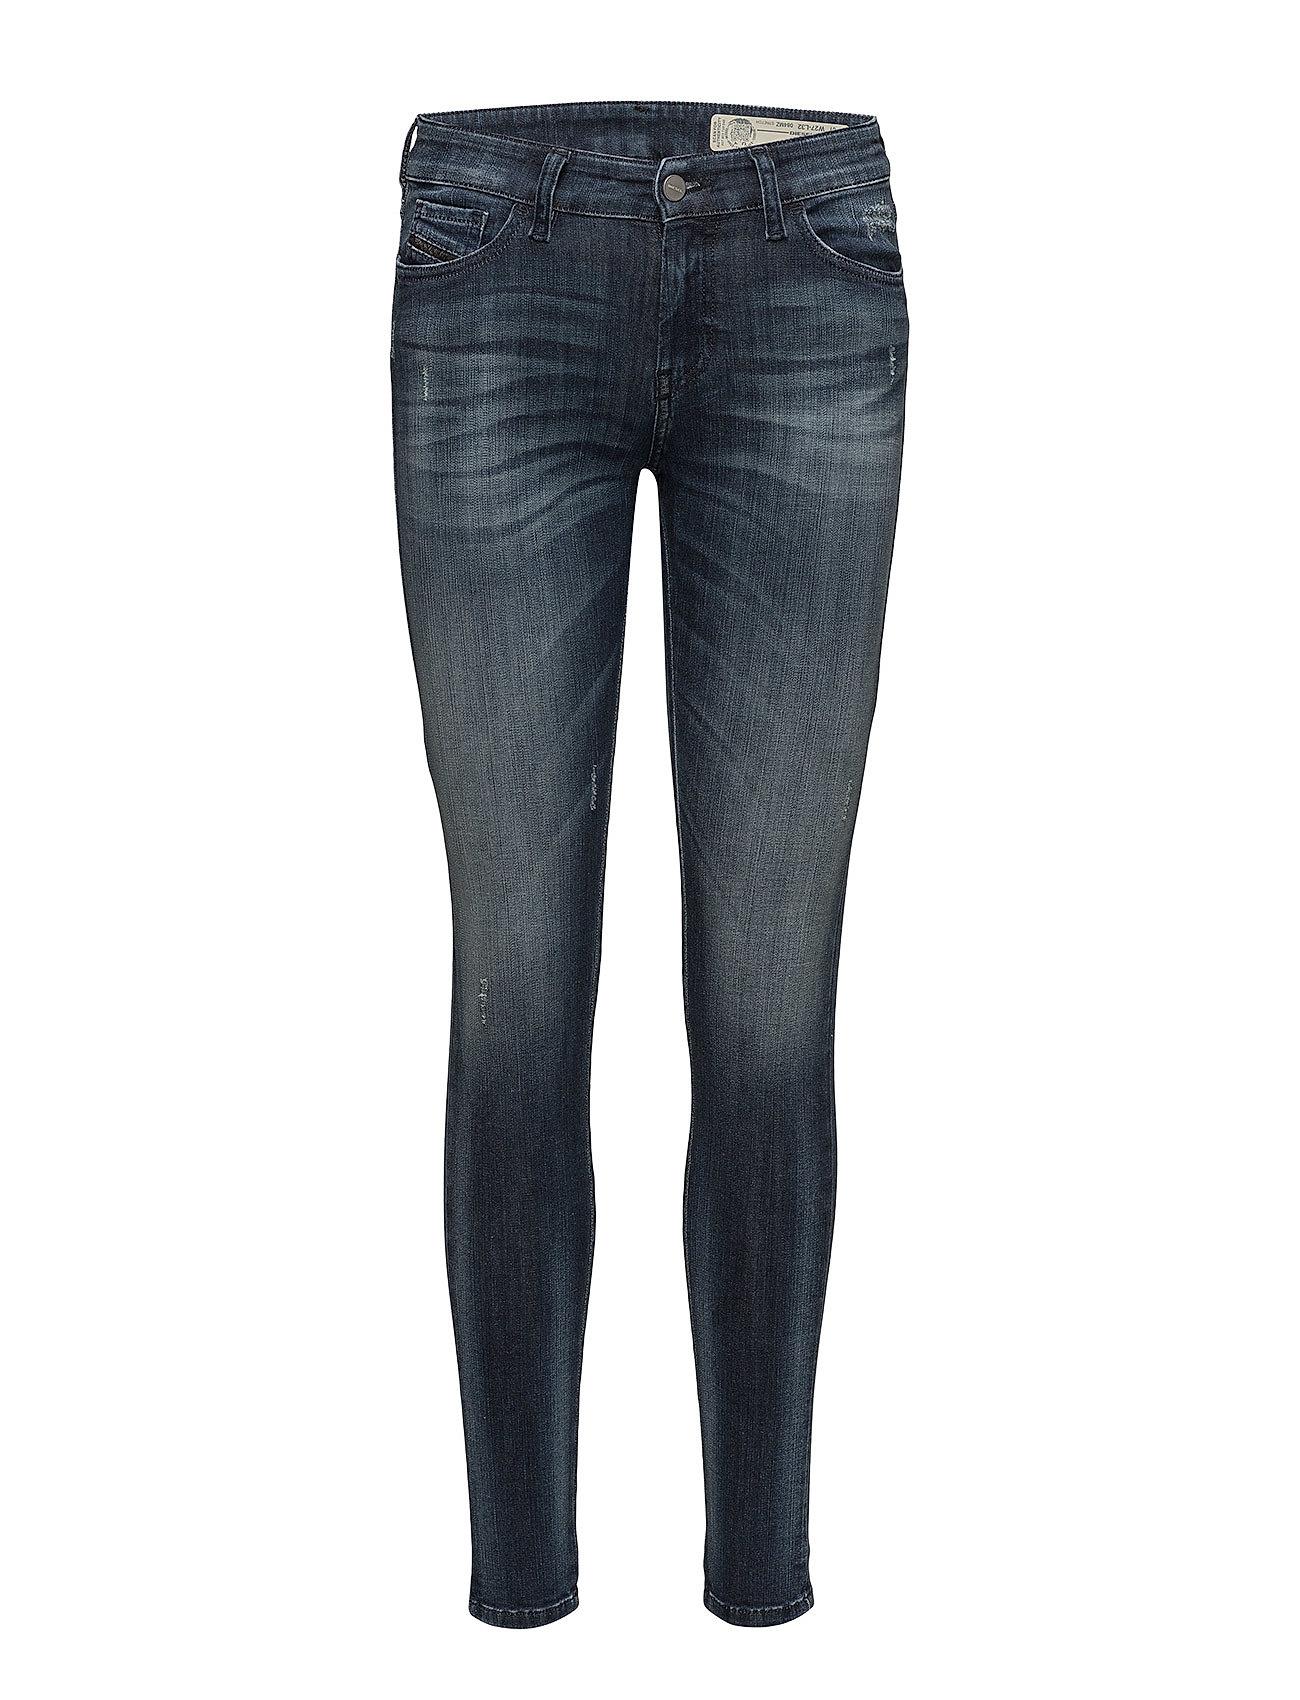 Slandy Trousers